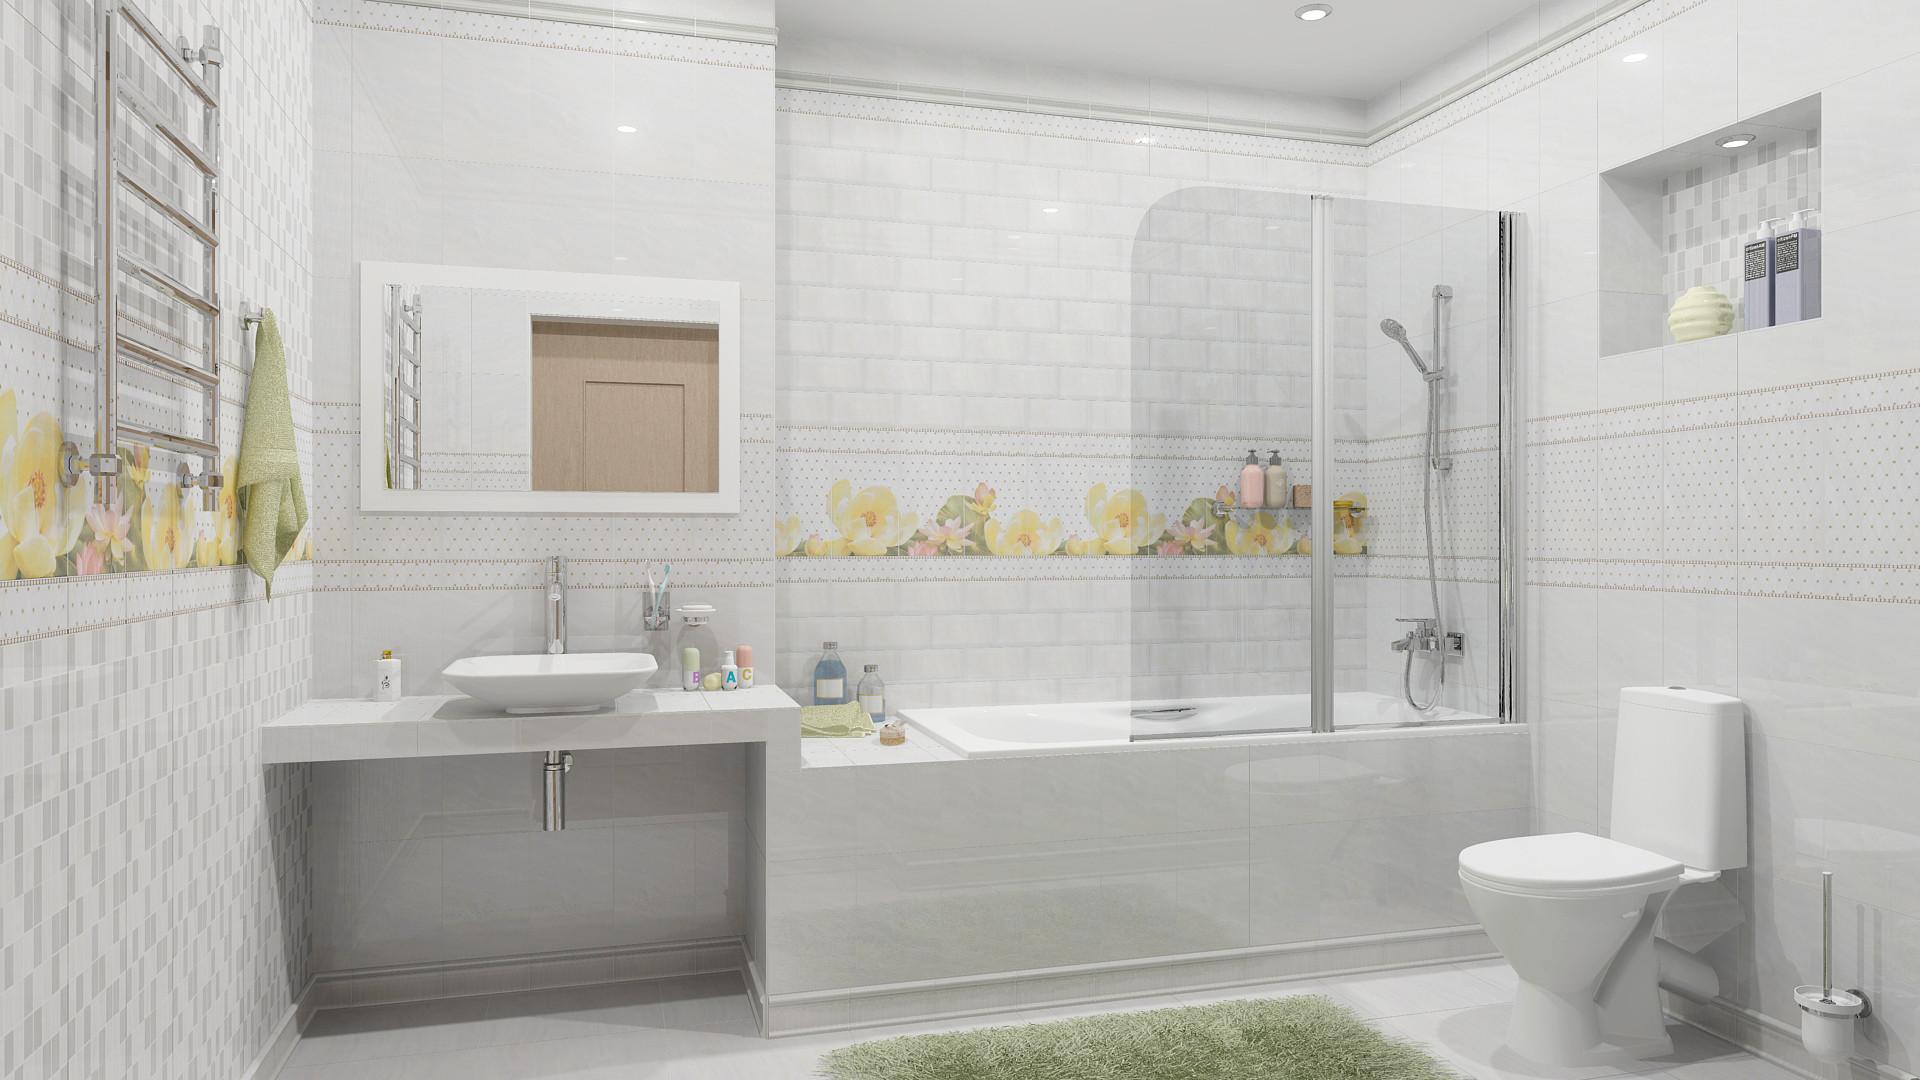 Почему порядок в светлой ванной комнате поддерживать легче, чем в темной